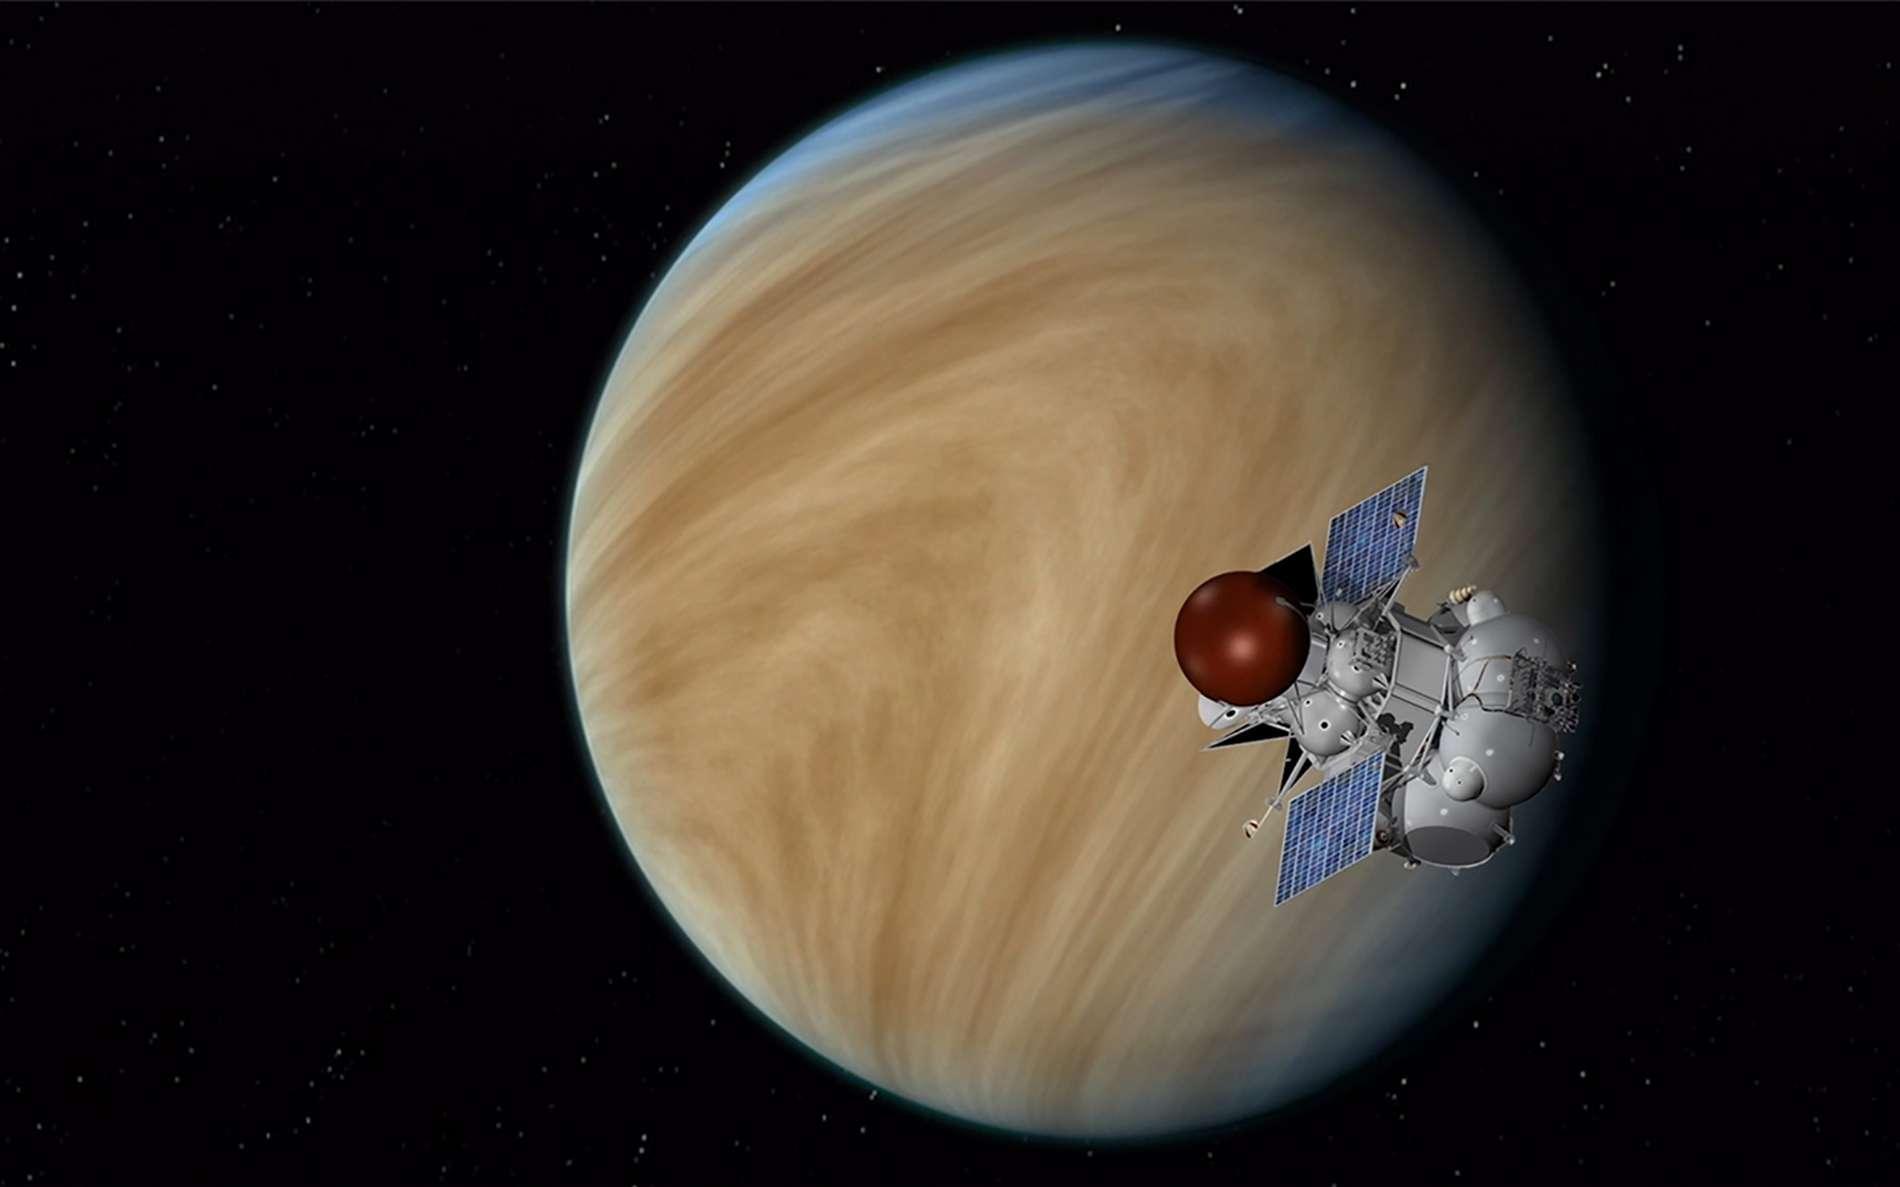 La planète Vénus et une vue d'artiste de la mission Venera-D. @ JPL, Nasa